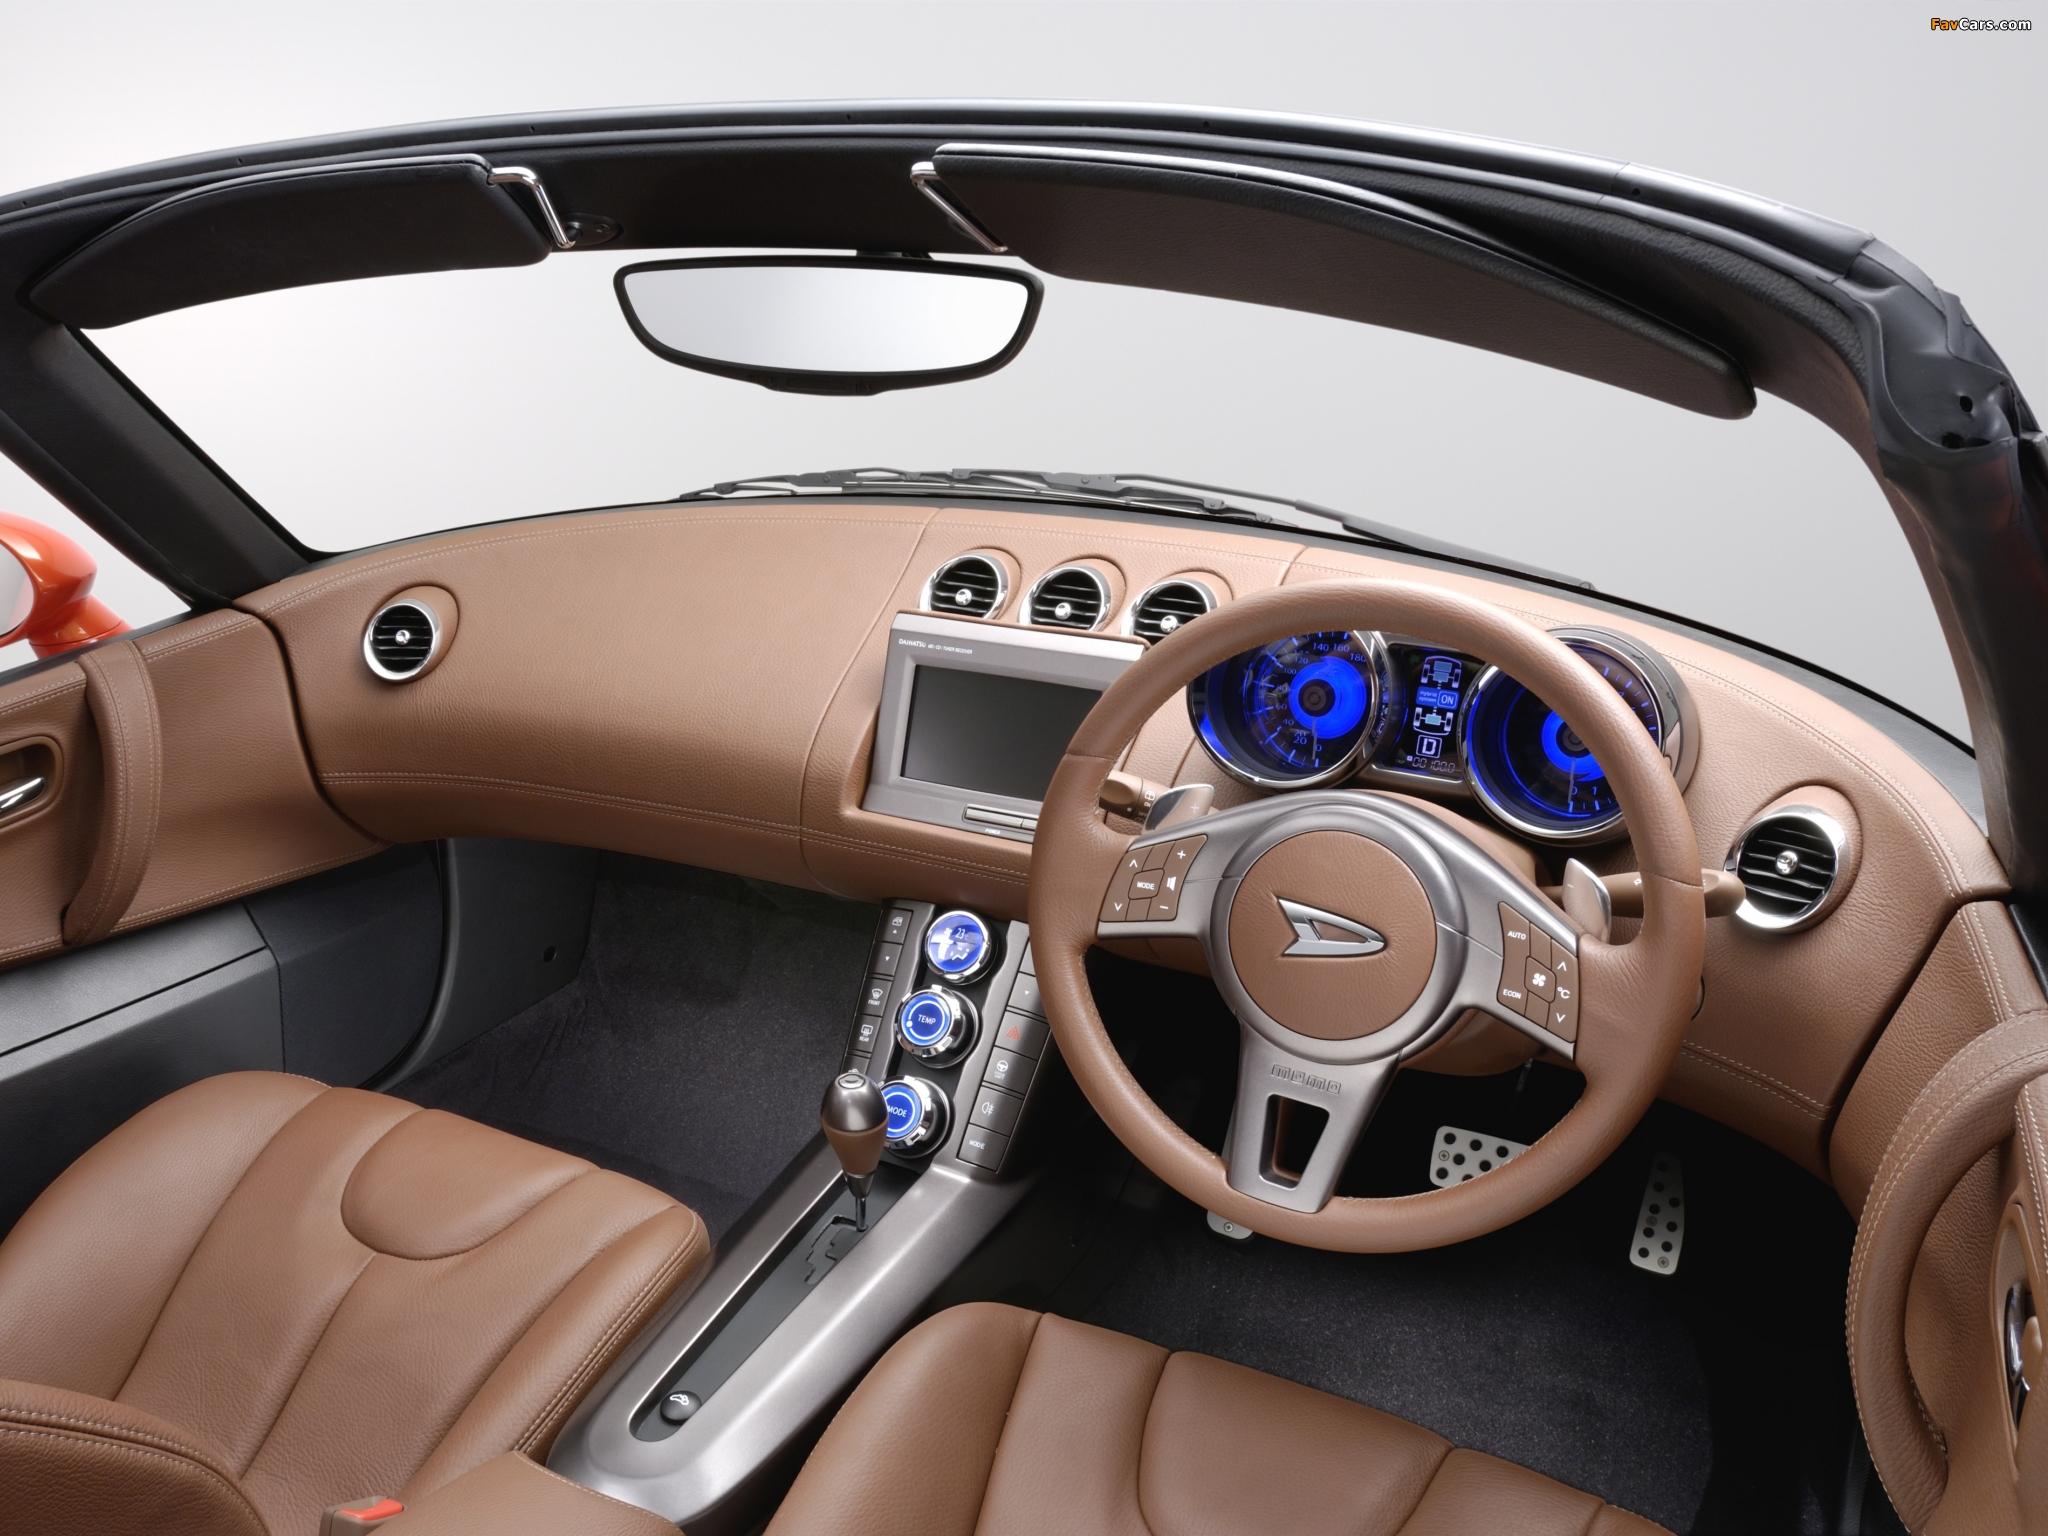 Daihatsu HVS Concept 2005 pictures (2048 x 1536)